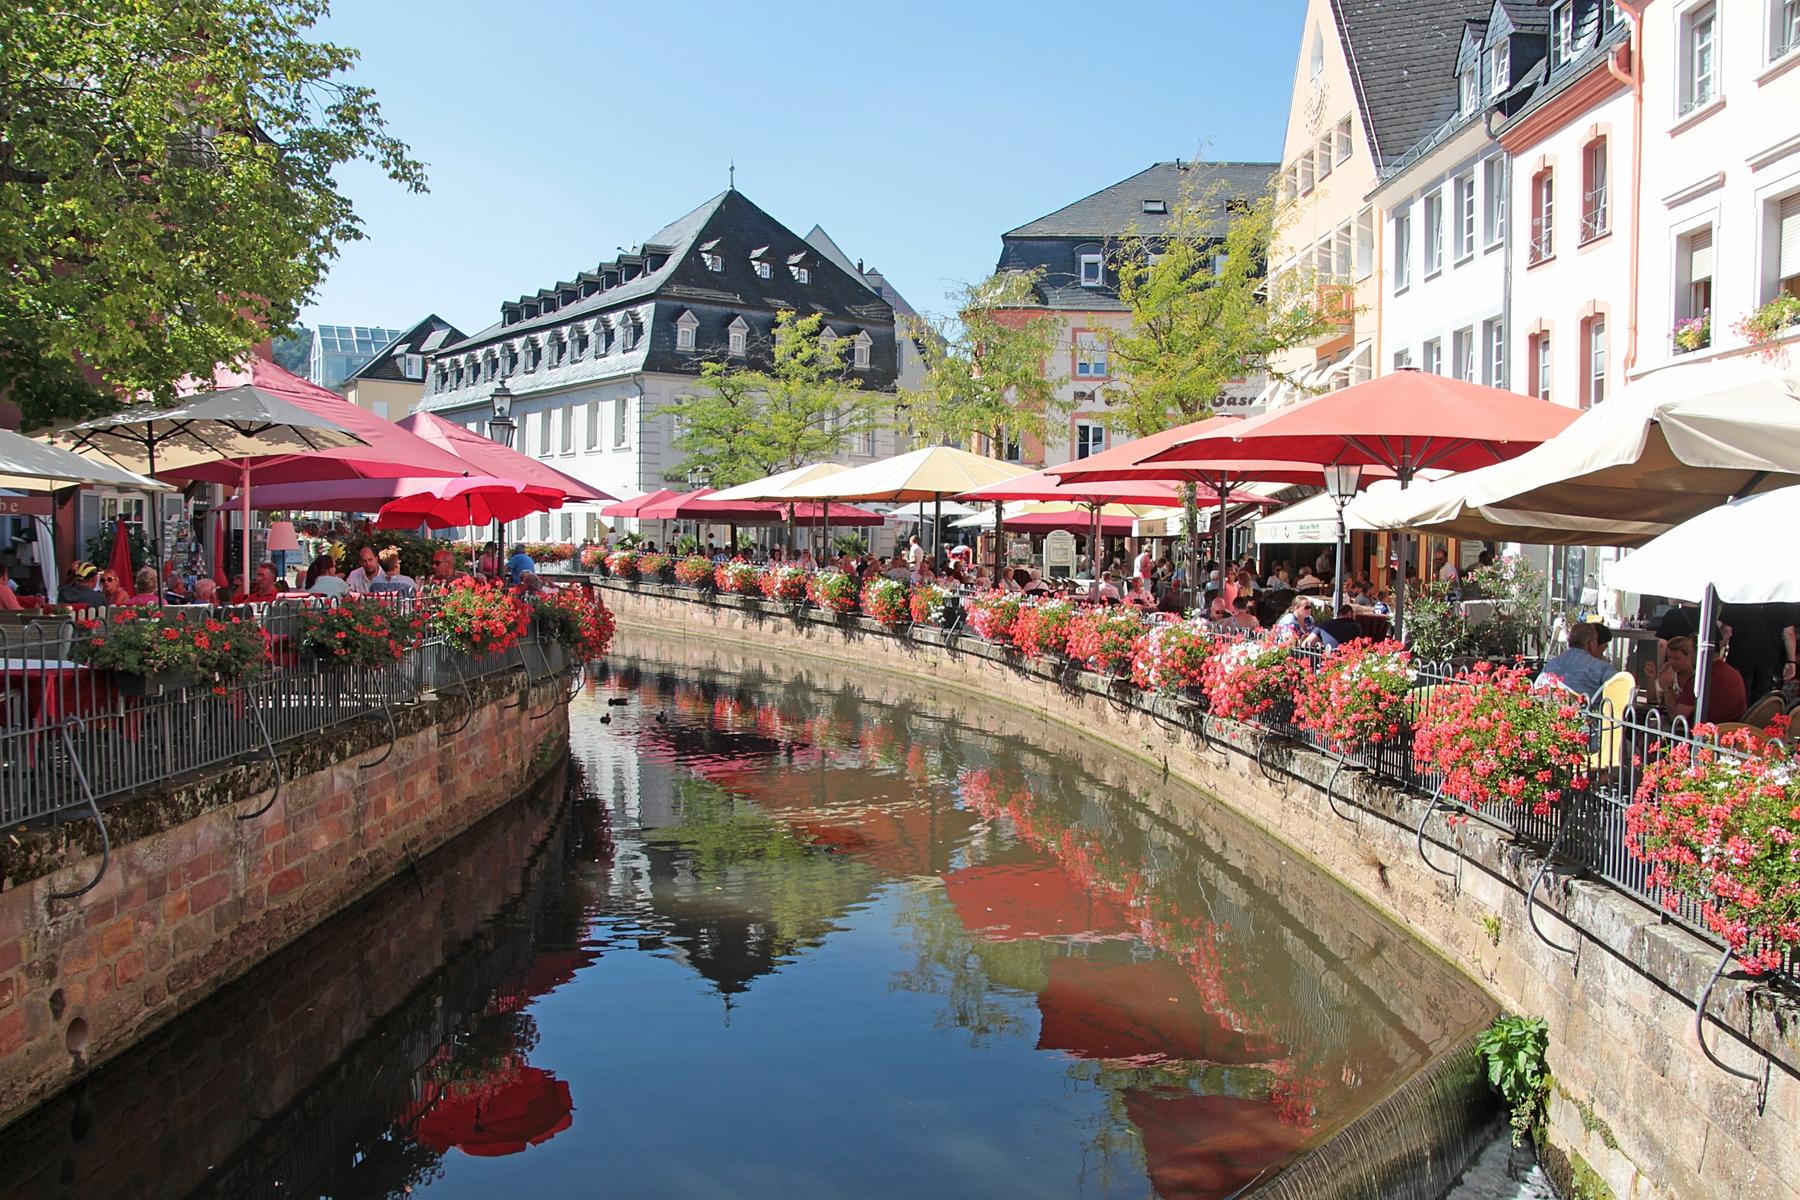 Das über tausend Jahre alte Saarburg begeistern seine Besucher mit schönen Fachwerkhäusern und einer idyllischen Lage